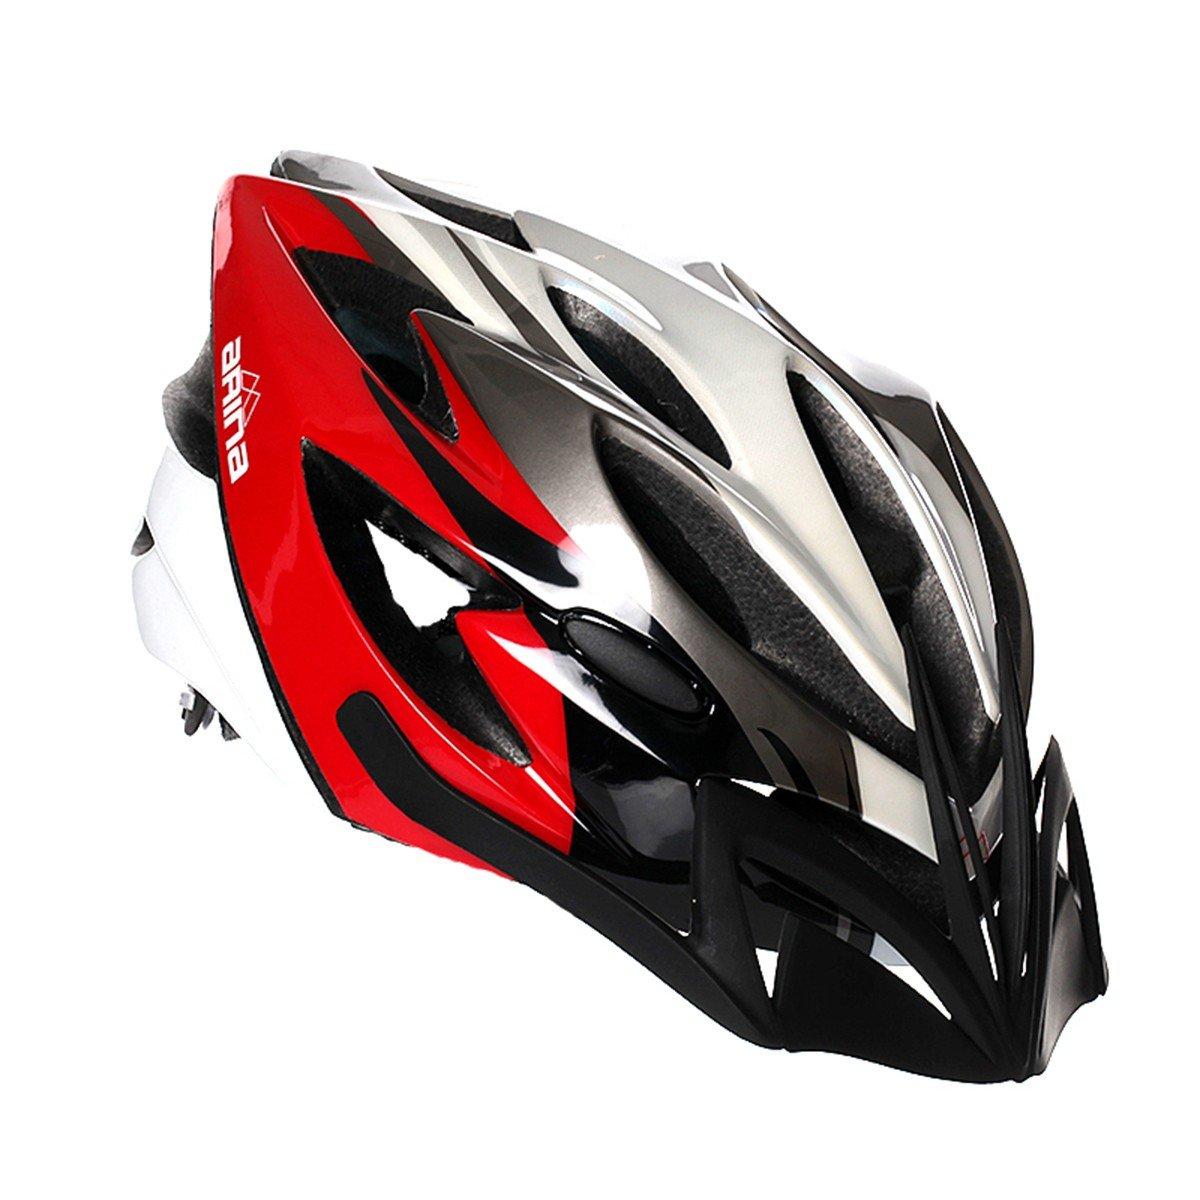 Arina Fahrradhelm Spirit schwarz weiß rot